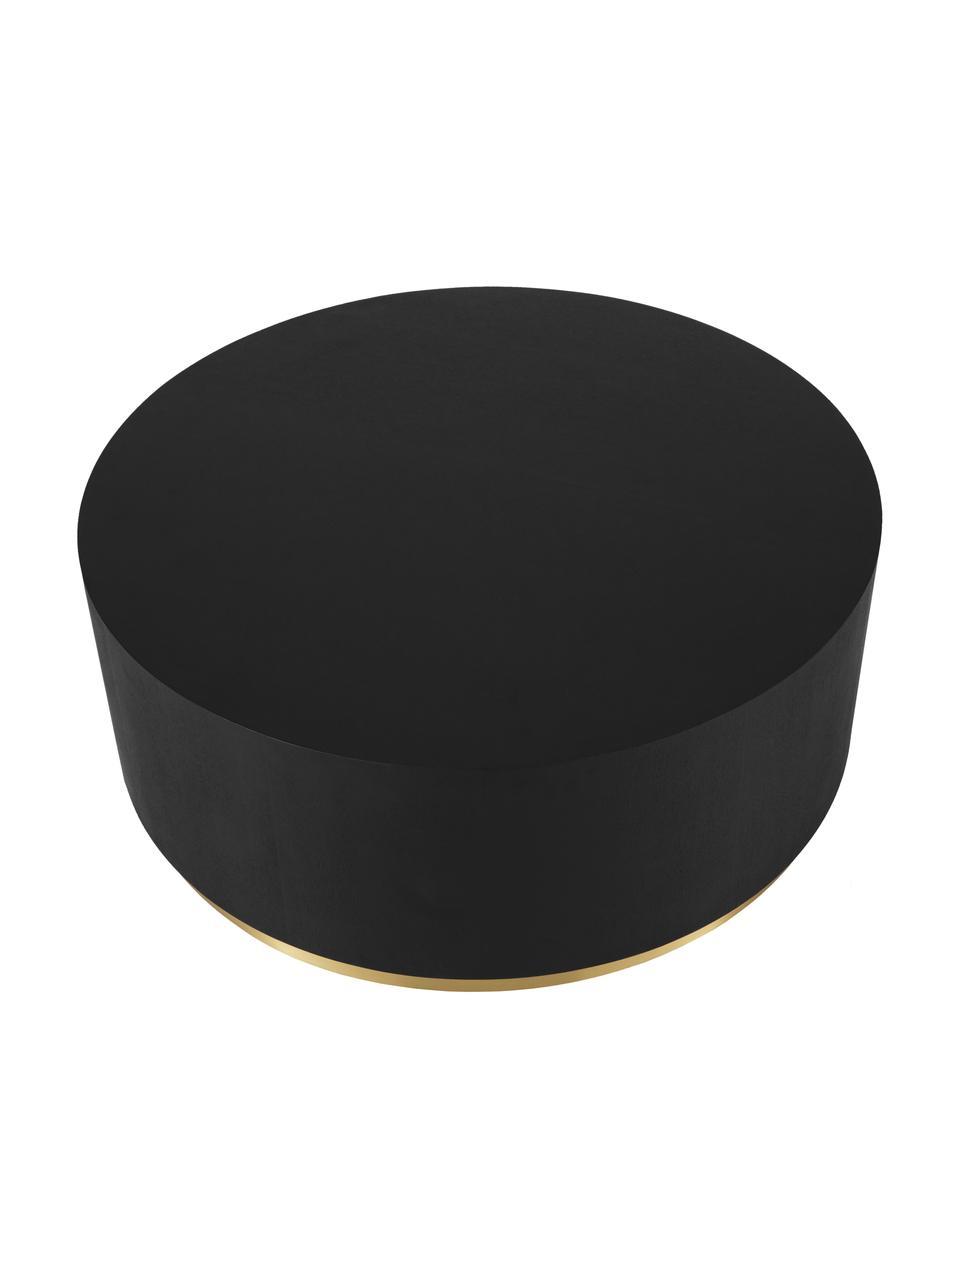 Runder XL-Couchtisch Clarice in Schwarz, Korpus: Mitteldichte Holzfaserpla, Fuß: Metall, beschichtet, Korpus: Eichenholz, schwarz lackiertFuß: Goldfarben, Ø 90 x H 35 cm